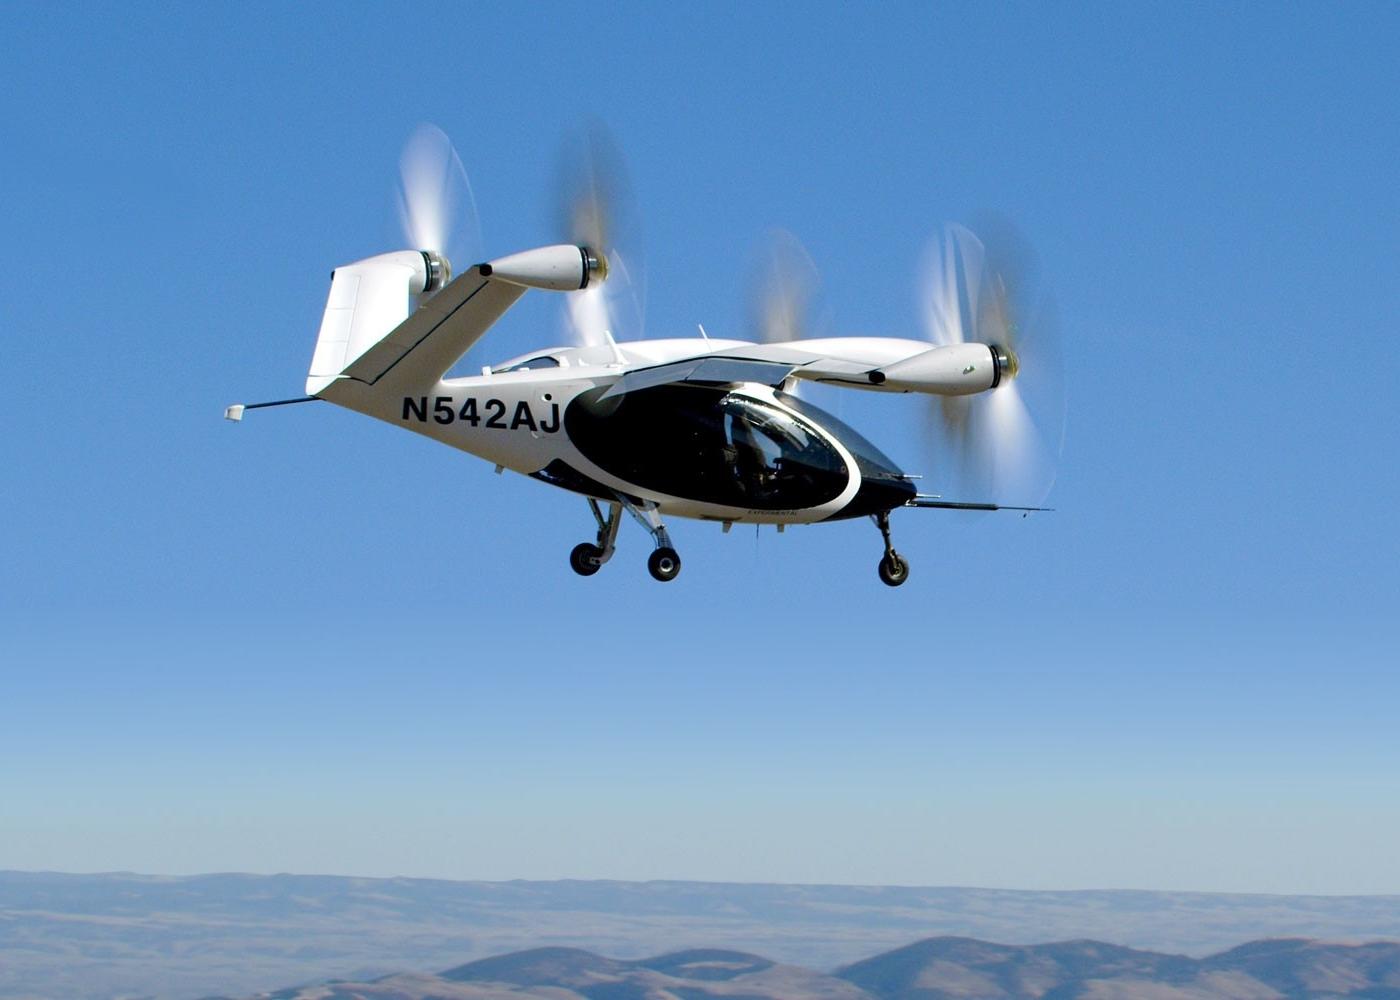 Joby Aviation eVTOL in flight